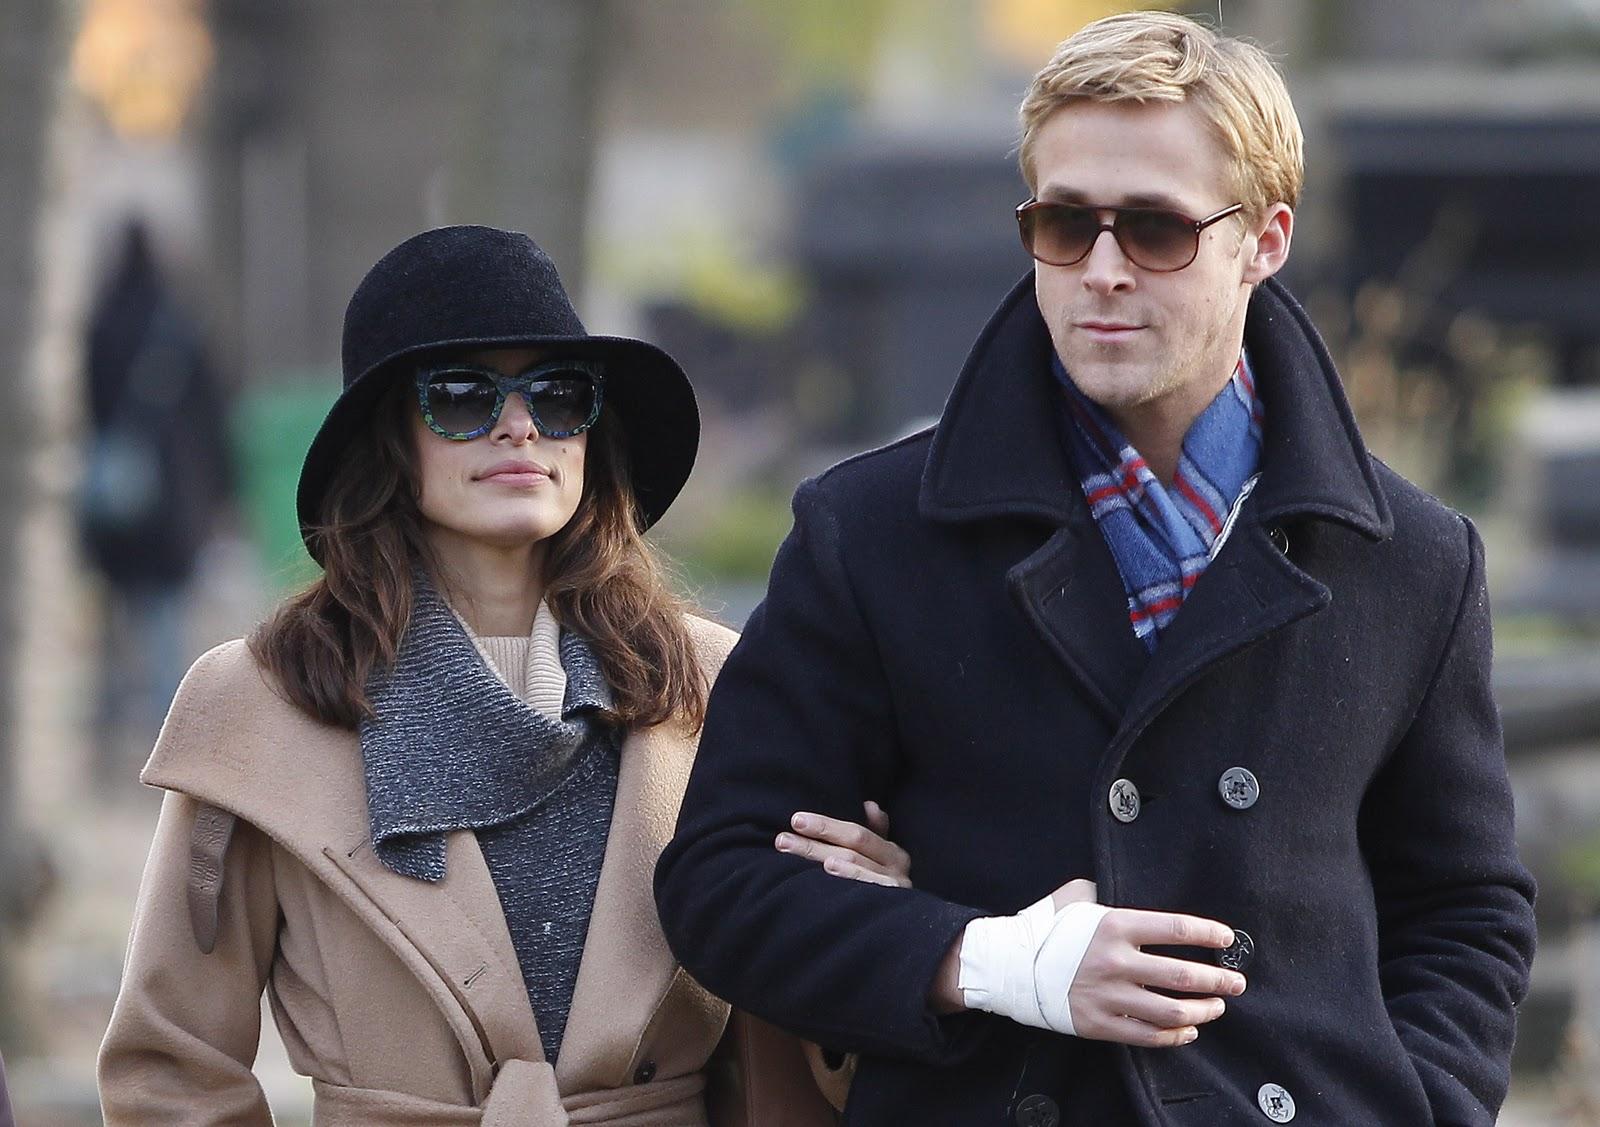 http://2.bp.blogspot.com/-pZGoOIHls7M/TukeaCX28hI/AAAAAAAAAW0/E_JszVNThHQ/s1600/Eva+Mendes+et+Ryan+Gosling%252C+les+lunettes.jpg